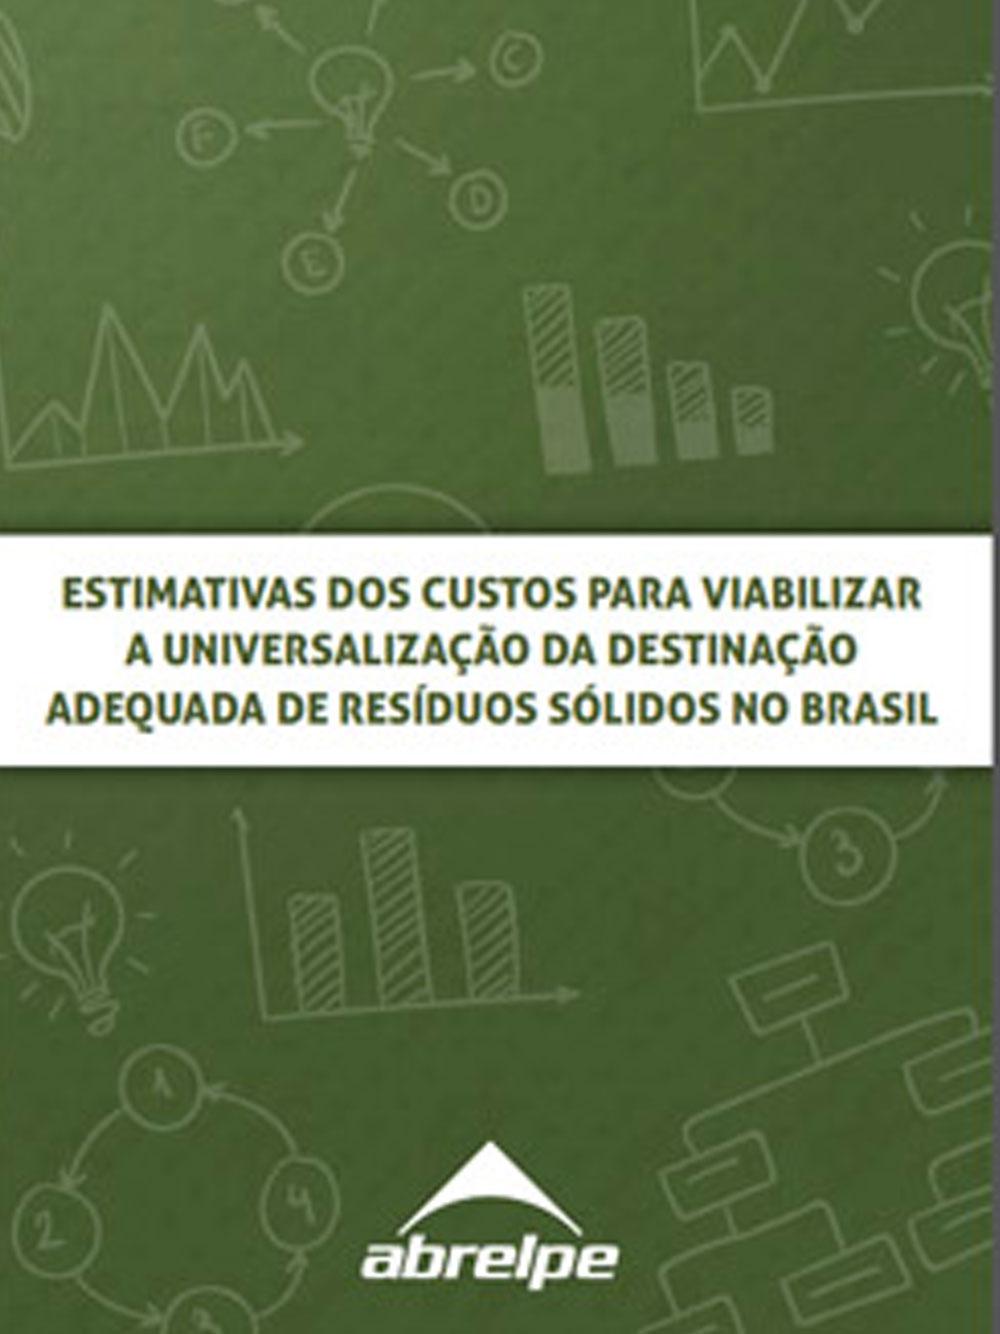 Estimativa dos Custos para Viabilizar a Universalização da Destinação Adequada de Resíduos Sólidos no Brasil